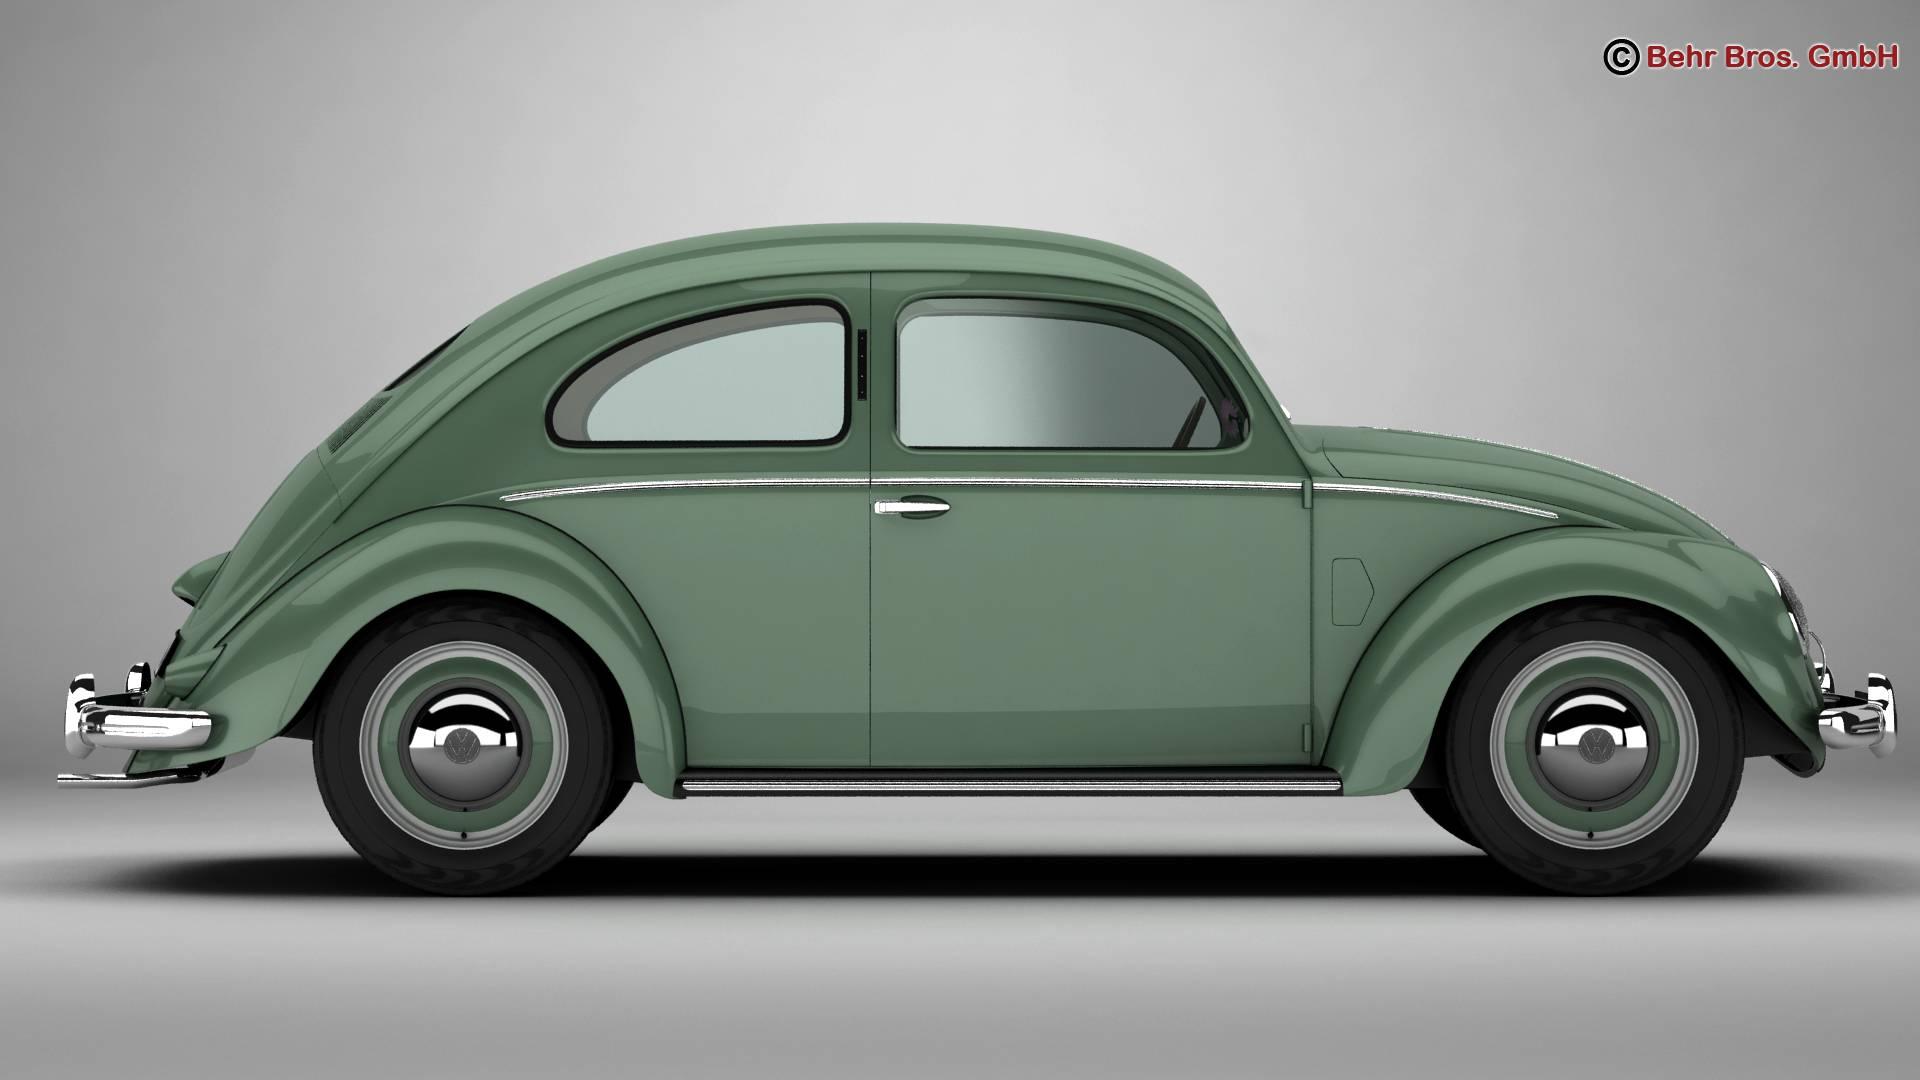 volkswagen beetle 1951 deluxe 3d model 3ds max fbx c4d lwo ma mb obj 220139